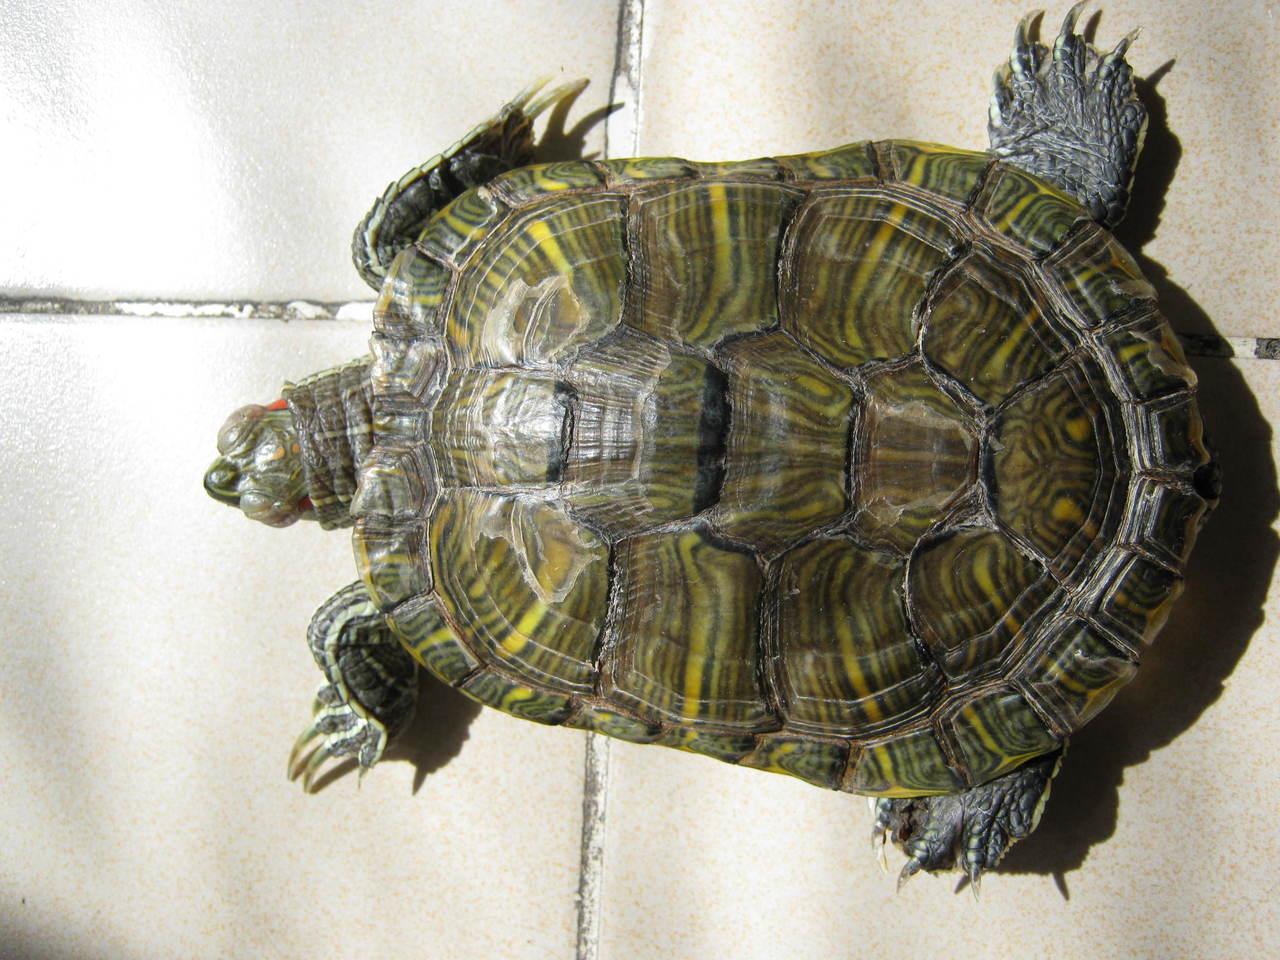 巴西龟白眼病怎么治 巴西龟白眼病怎么办 巴西龟白眼病治不好